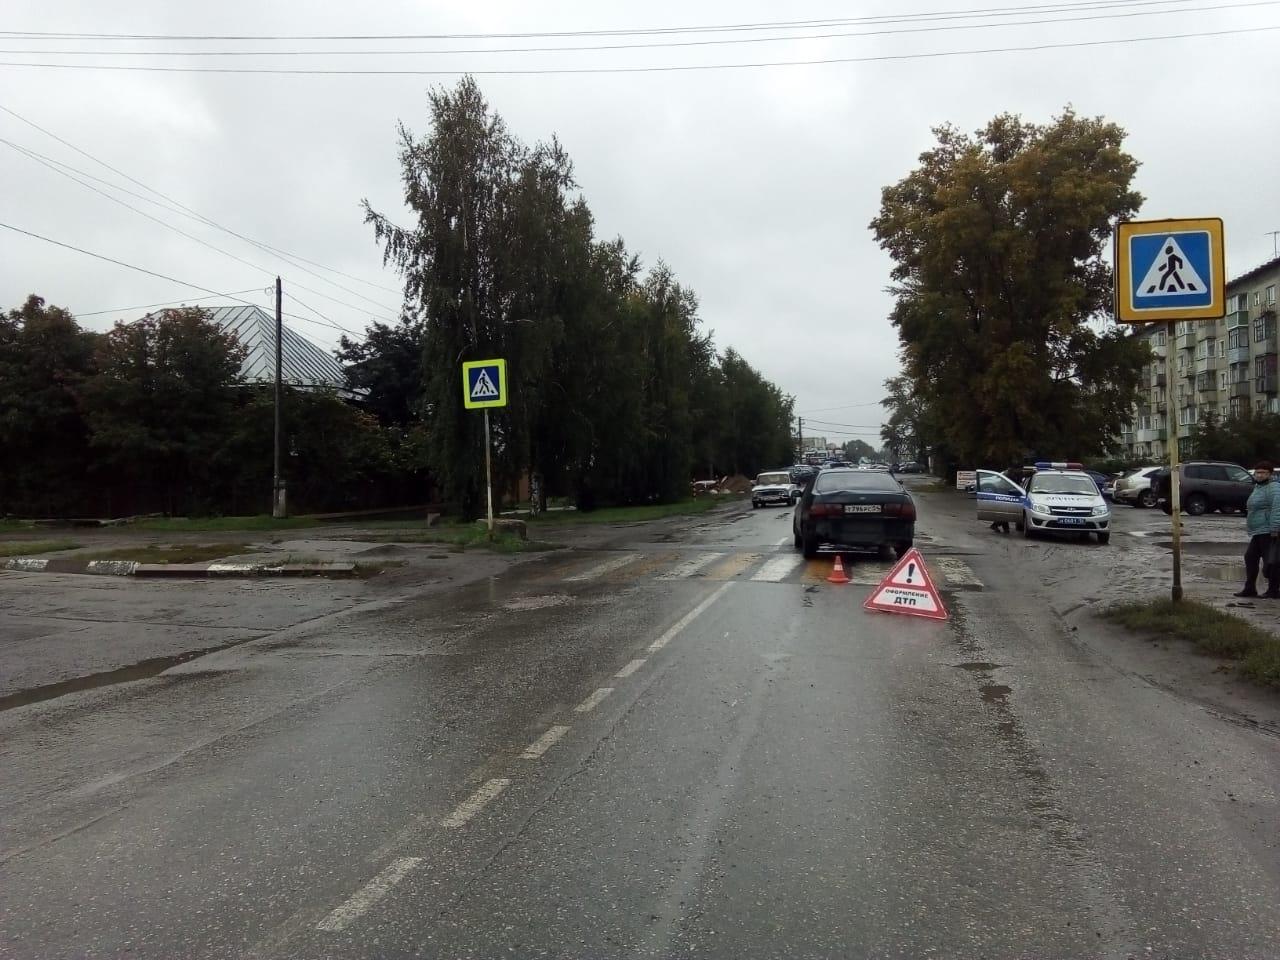 11 ДТП произошло в Куйбышевском районе с 01 по 07 сентября